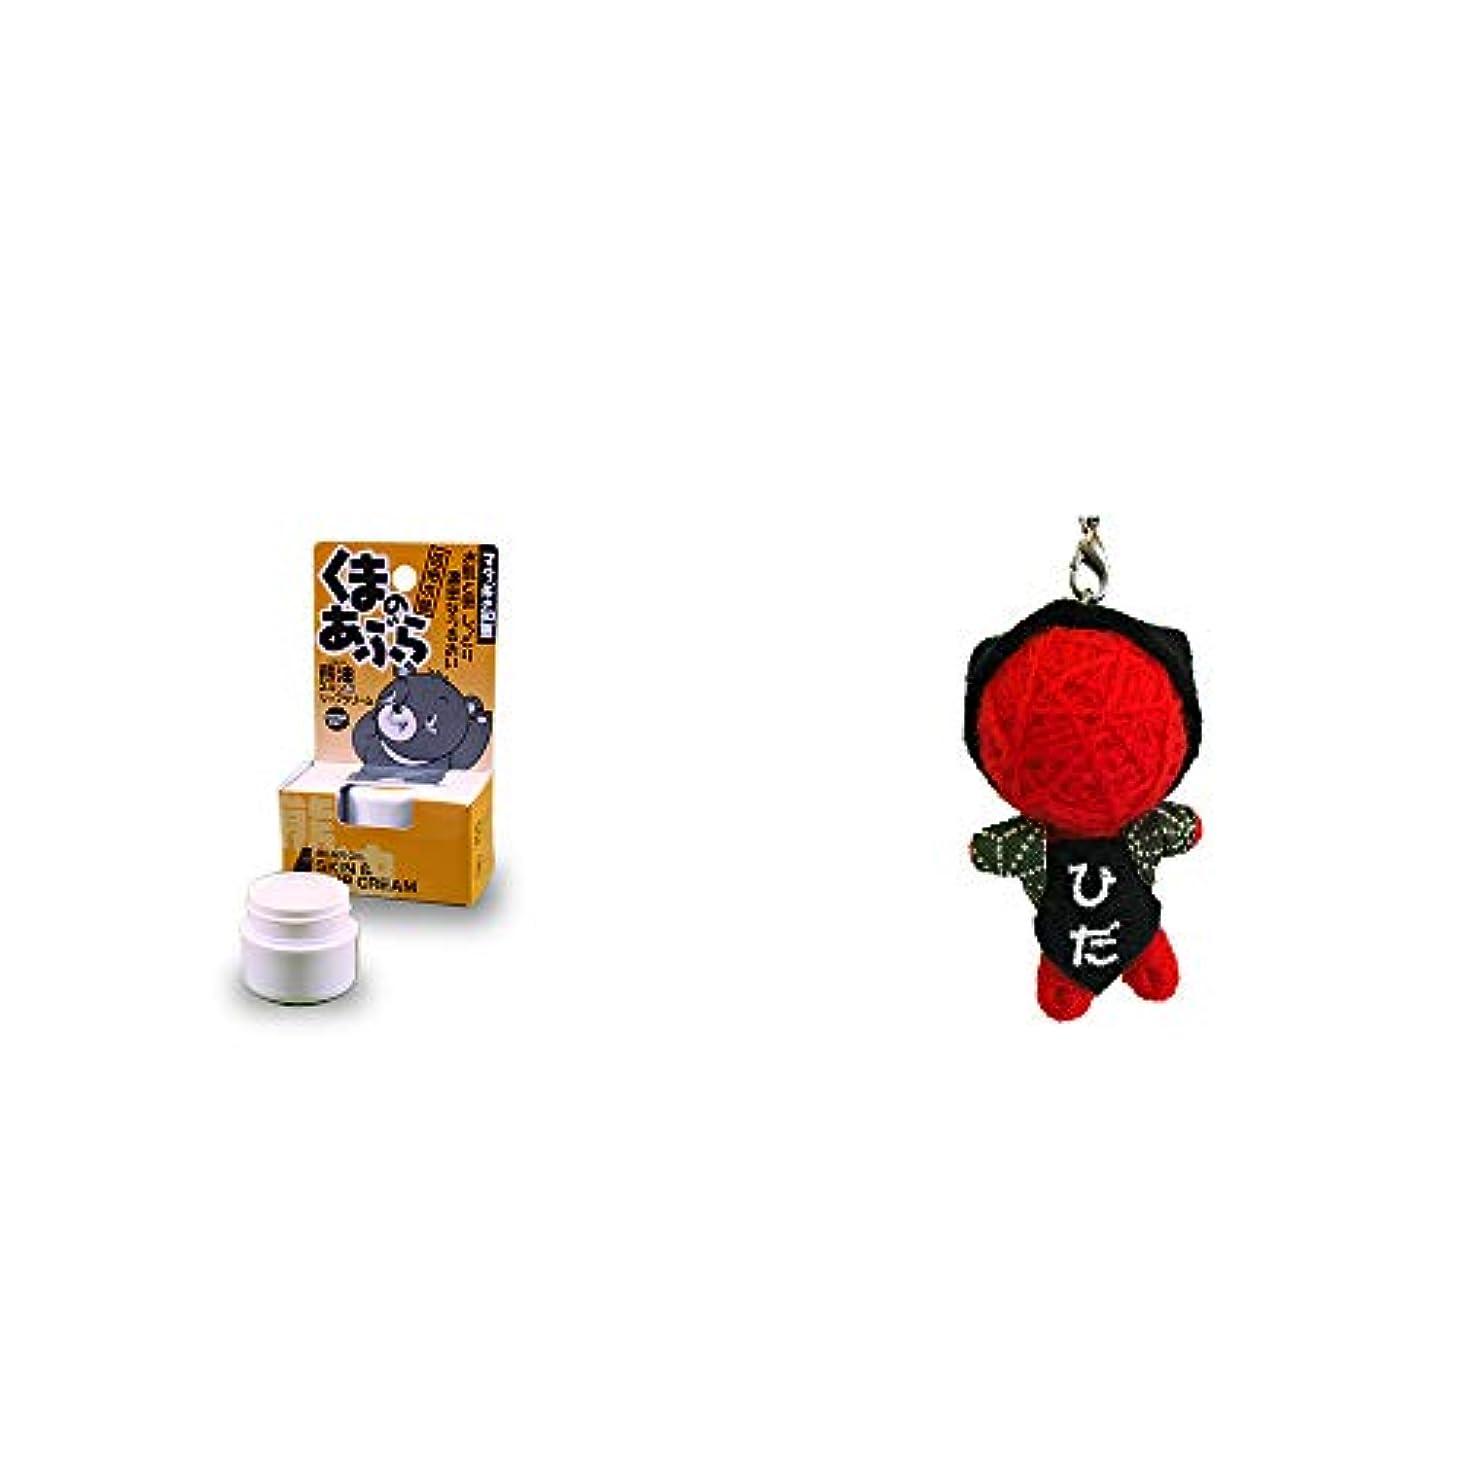 超高層ビル幸福幻影[2点セット] 信州木曽 くまのあぶら 熊油スキン&リップクリーム(9g)?ハッピー さるぼぼドール ブドゥドール(ストラップ) / 魔除け?身代わり人形 //